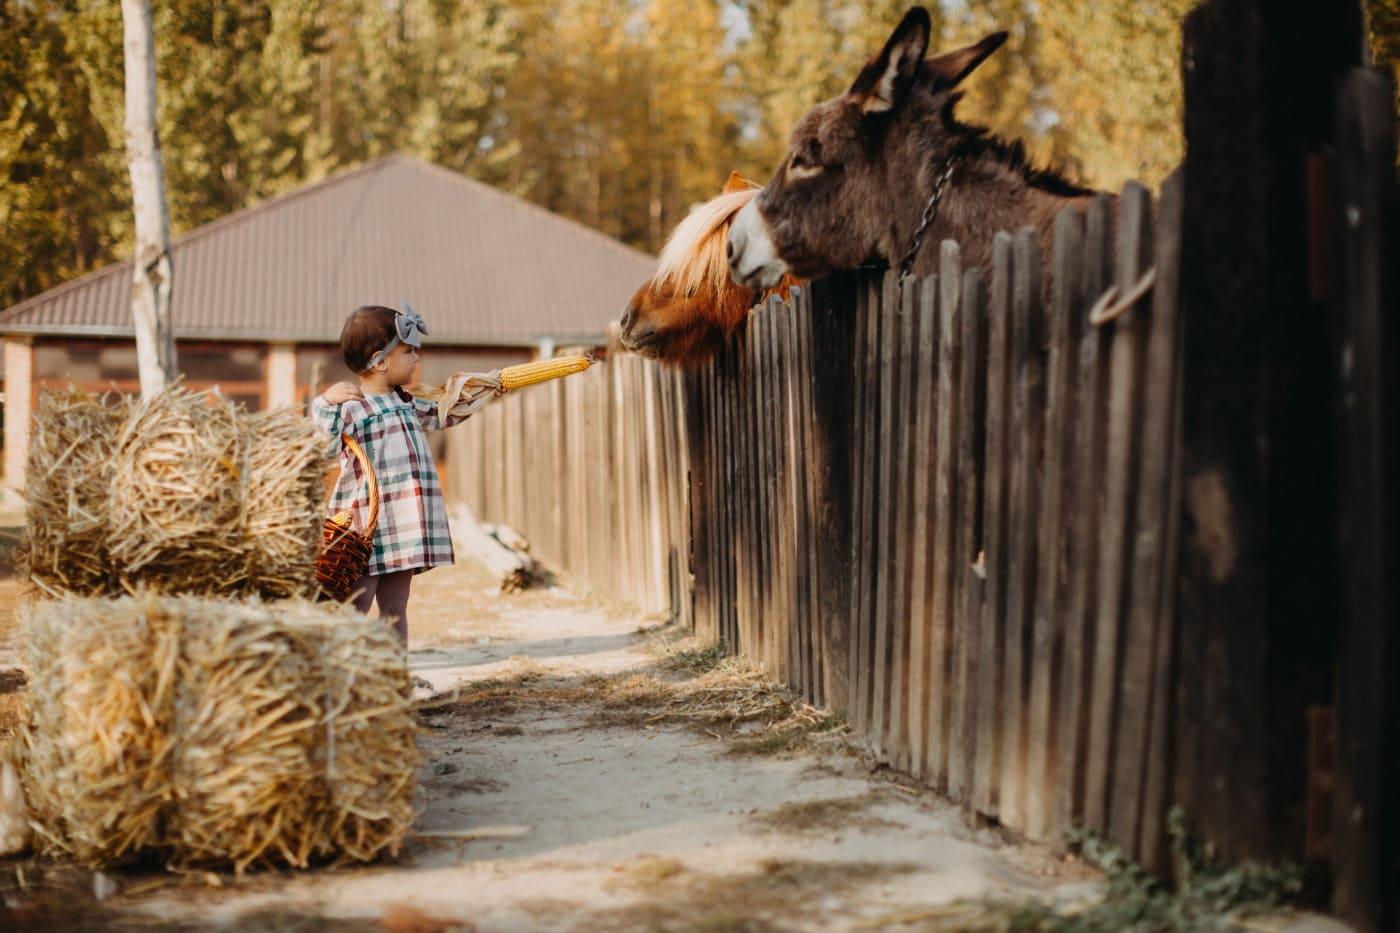 barn, Flicka, åsna, häst, flätad korg, utfodring, djur, majs, bybo, byn